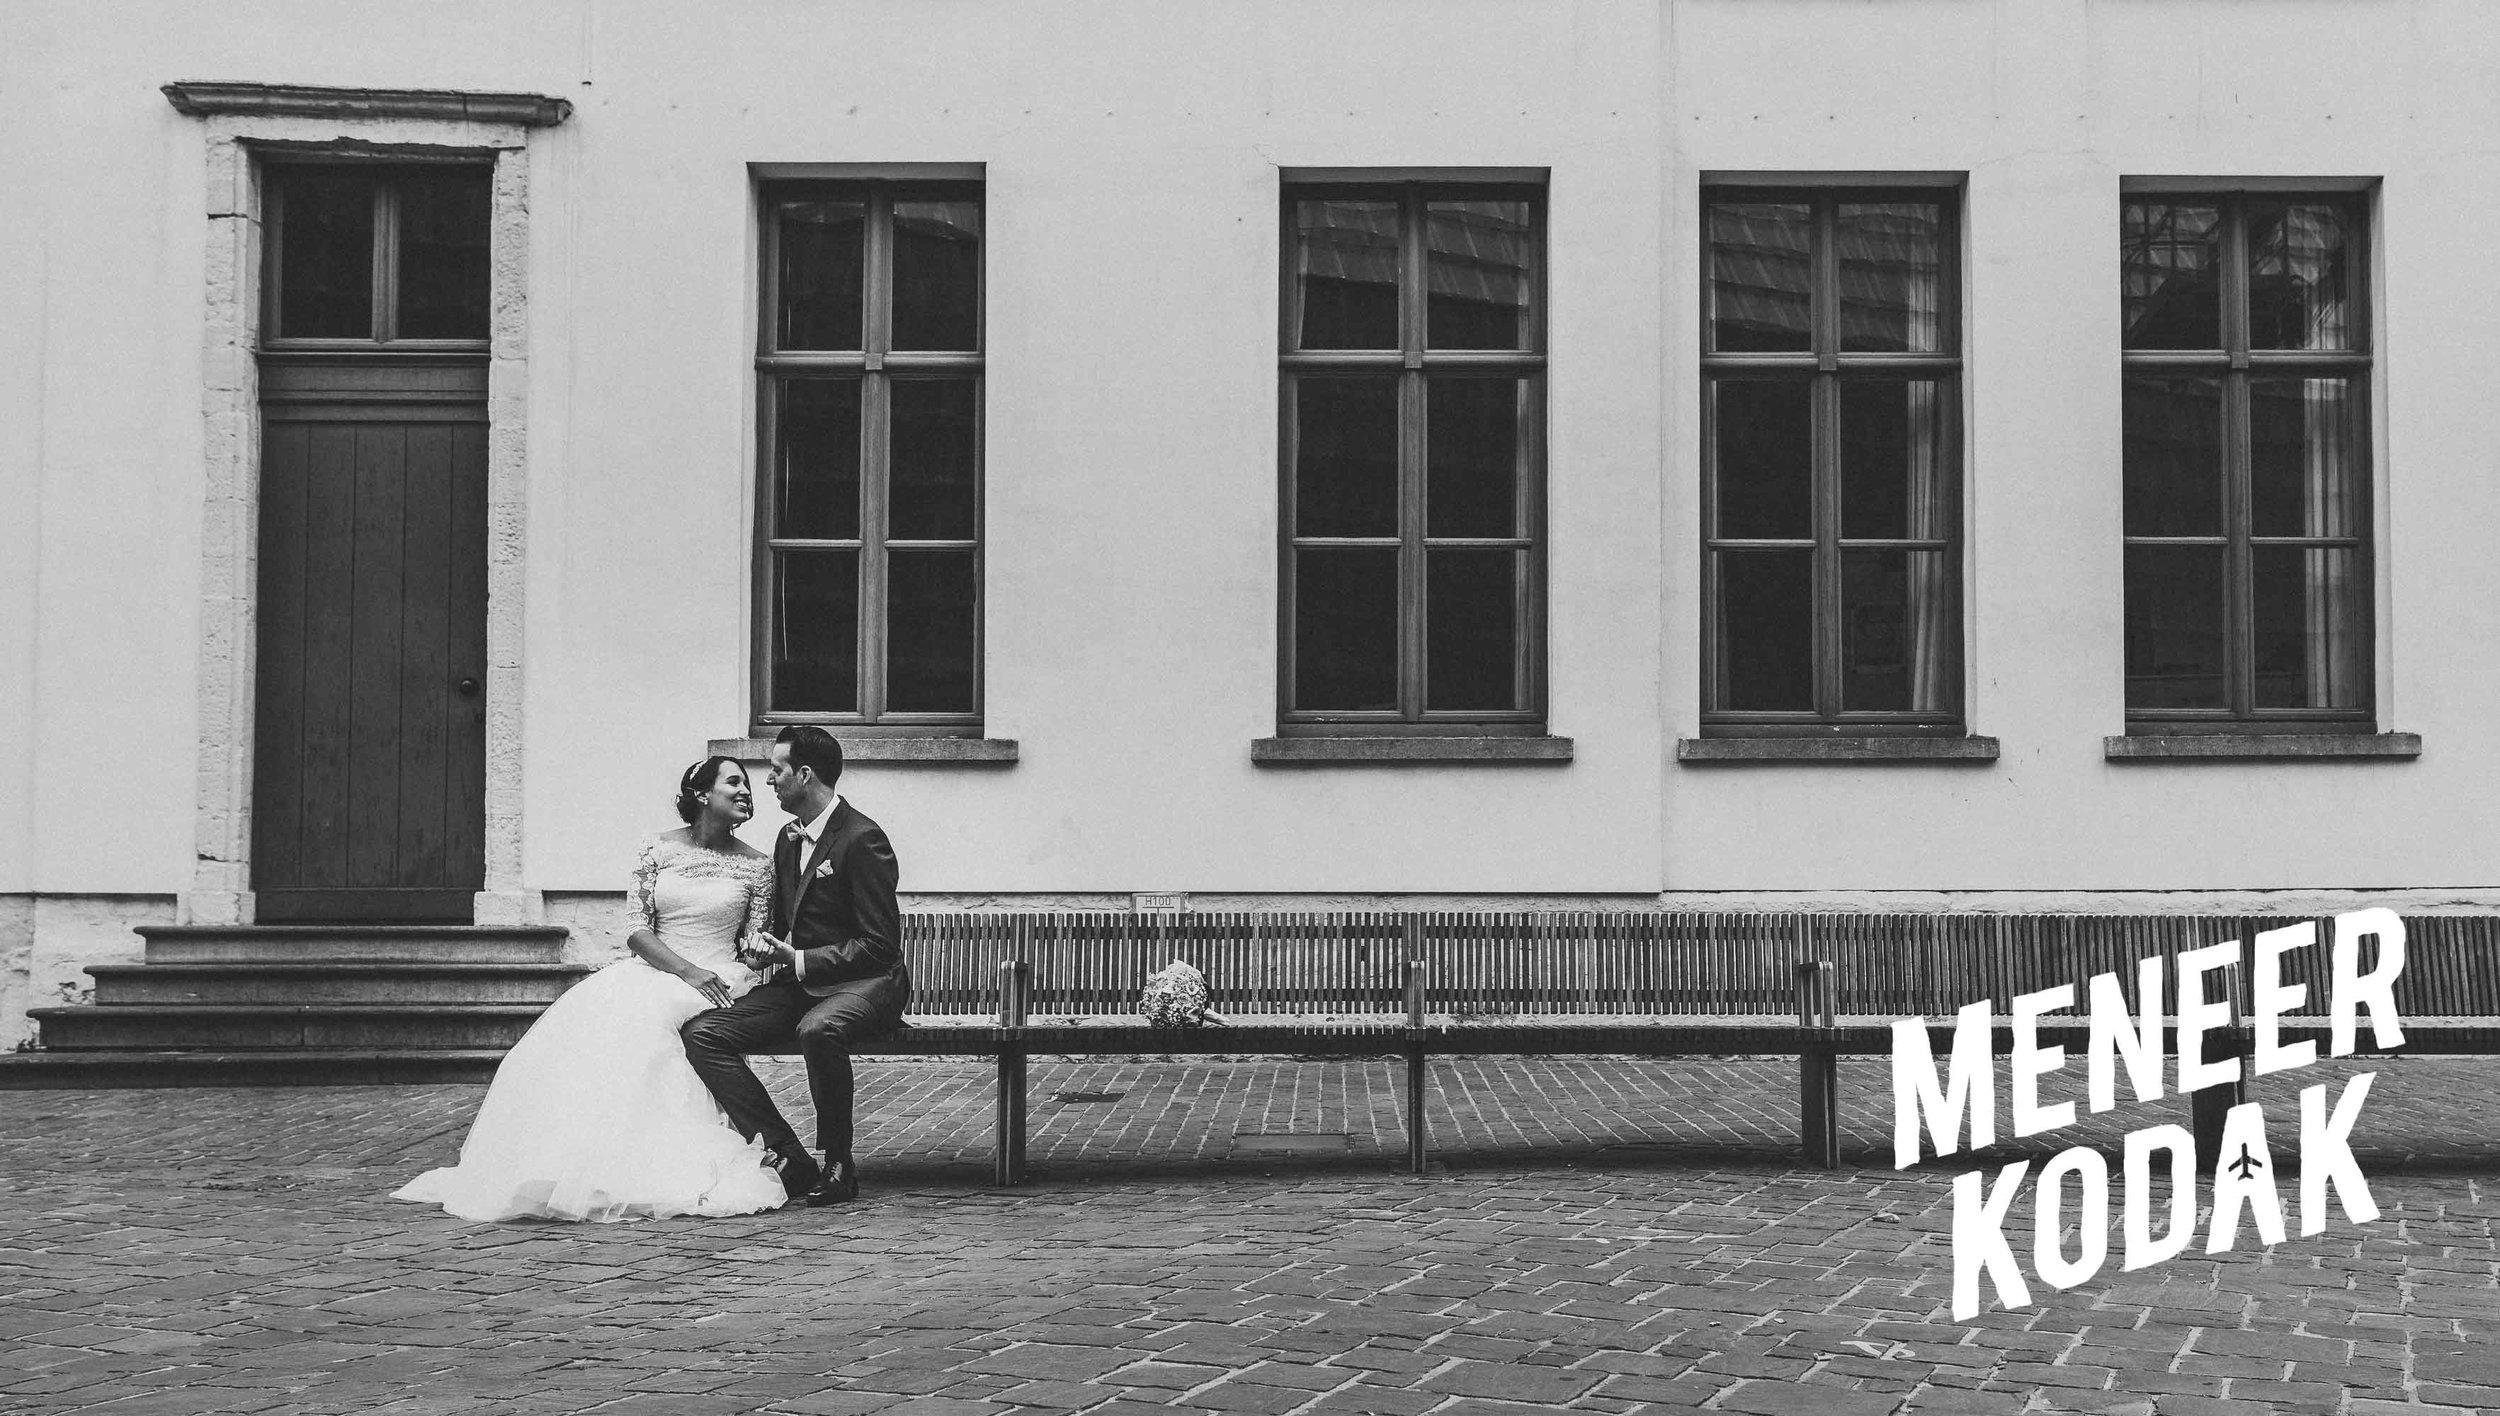 Meneer Kodak - Trouwfotograaf - Gent - D&T-046.jpg